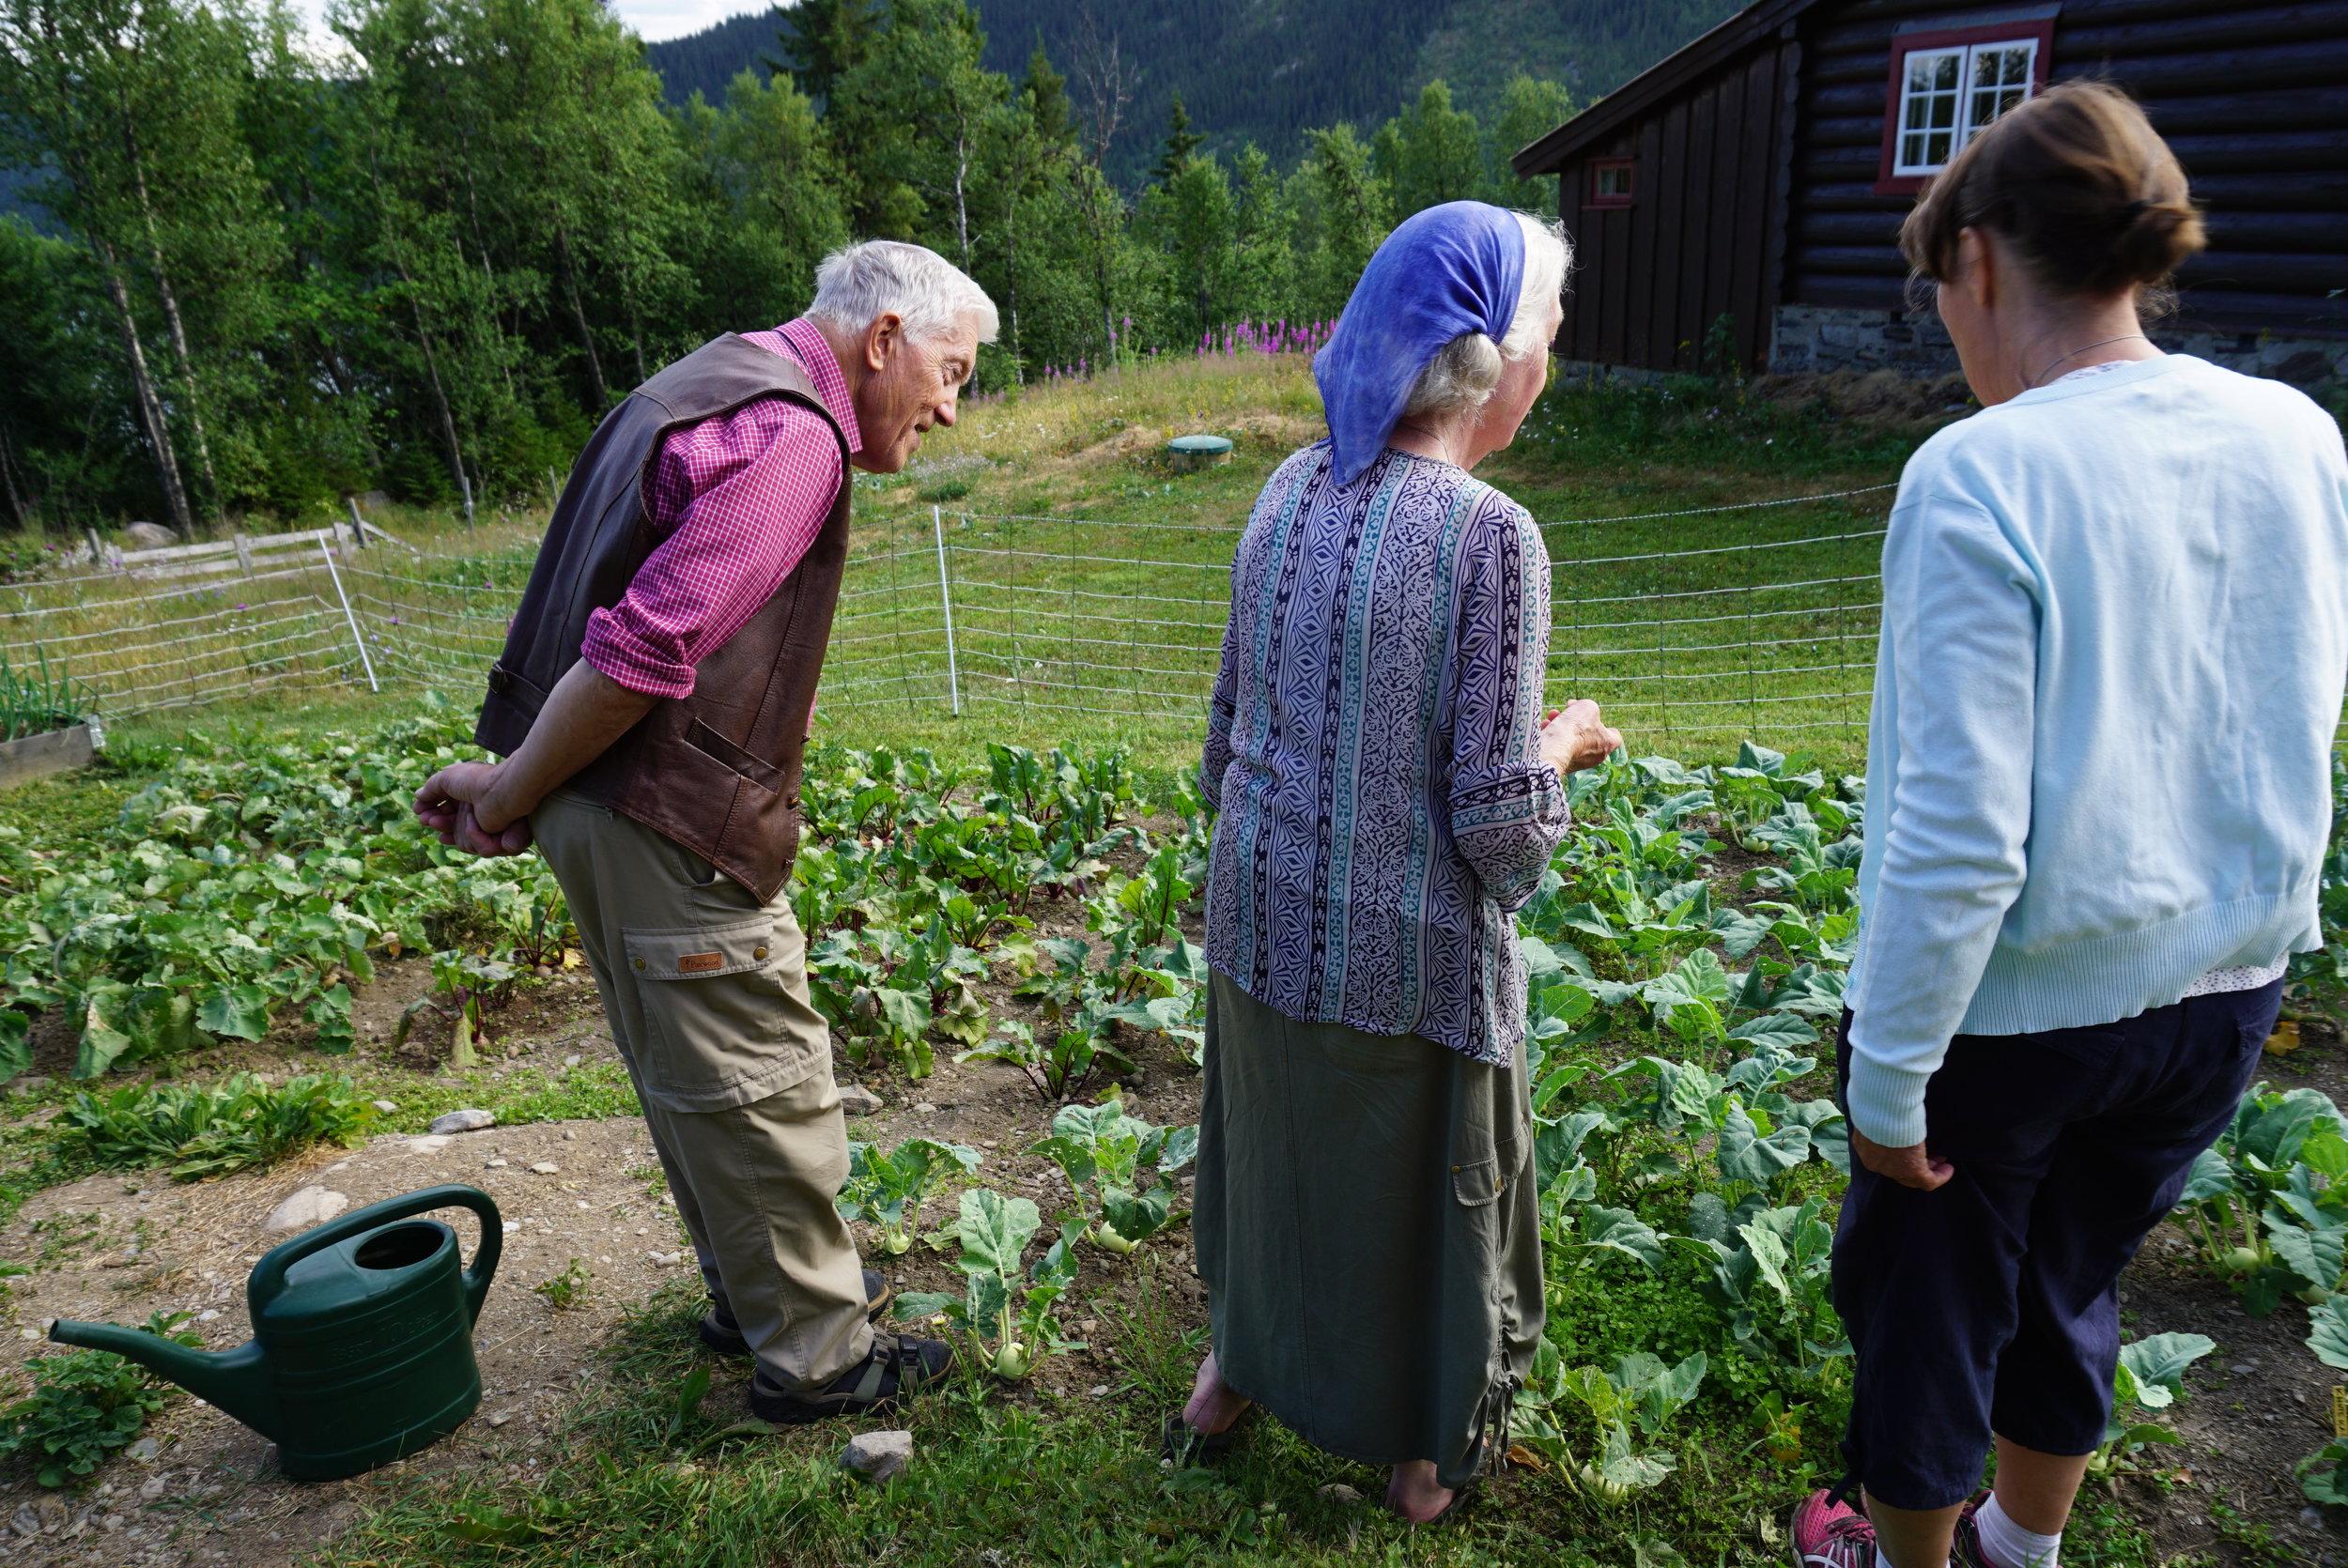 Odd og Aagot dyrker, erfarer og deler av sine kunnskaper. Bilde fra august 2018